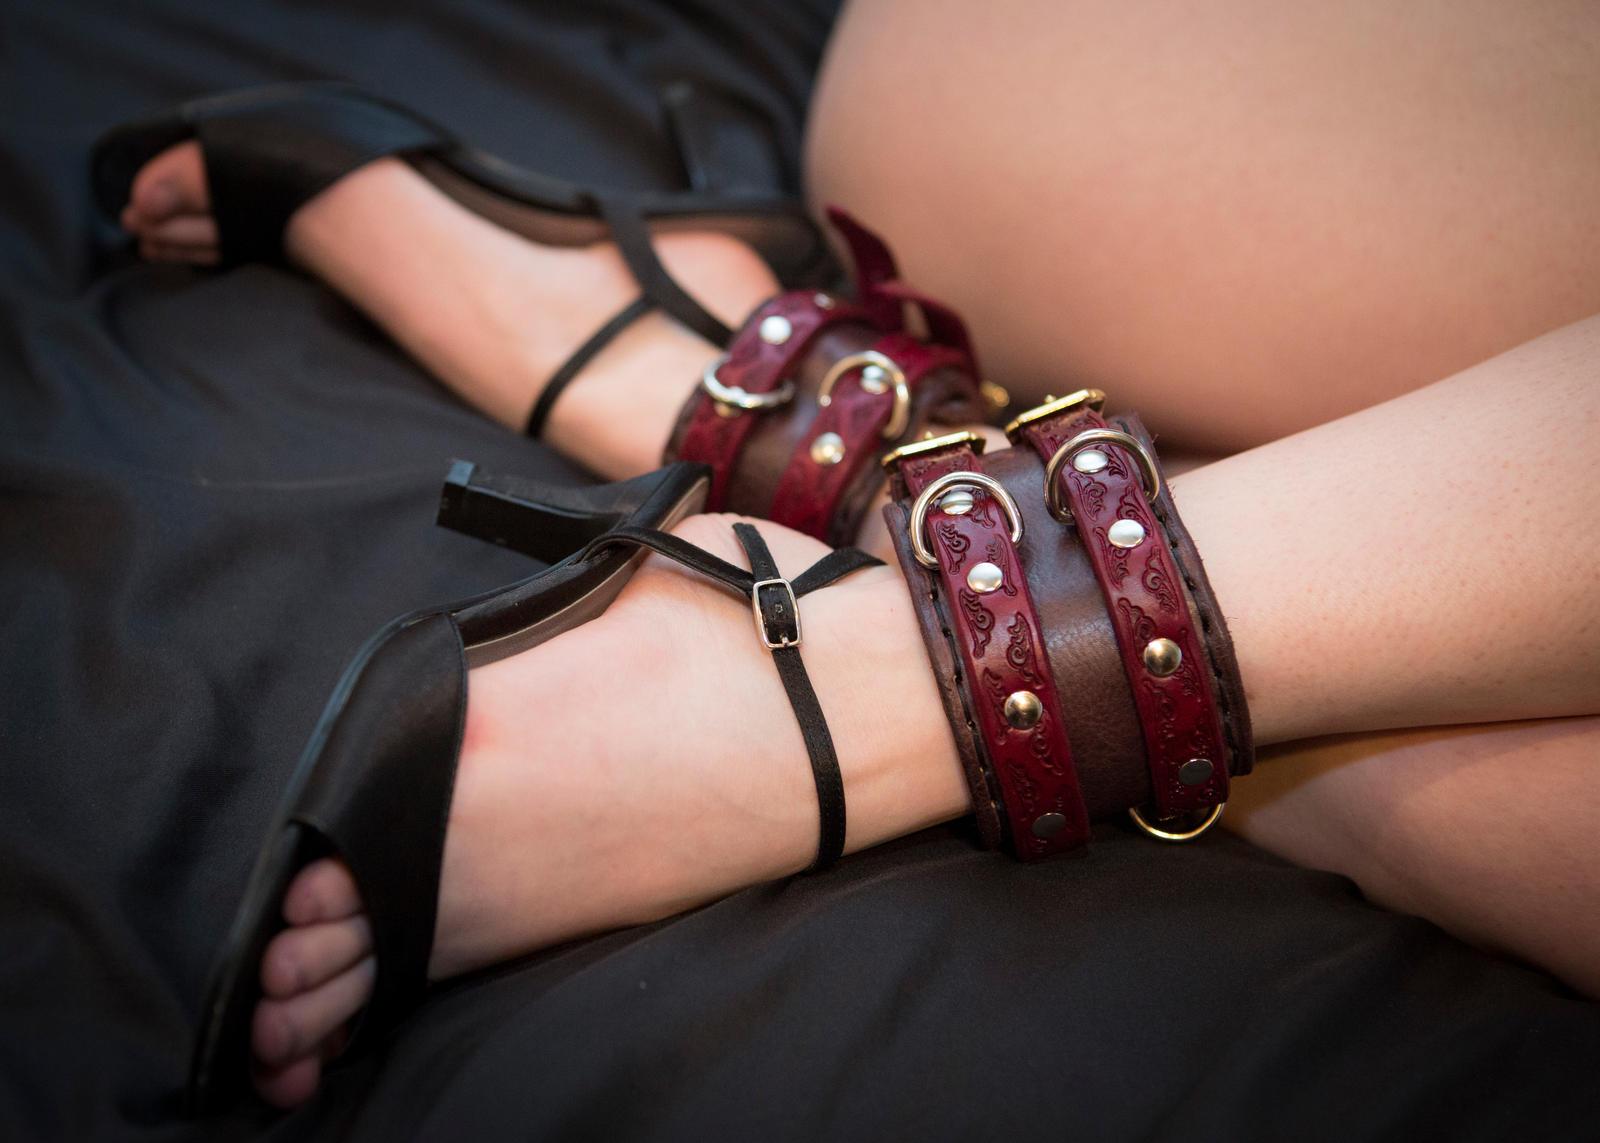 Leather bondage shackles